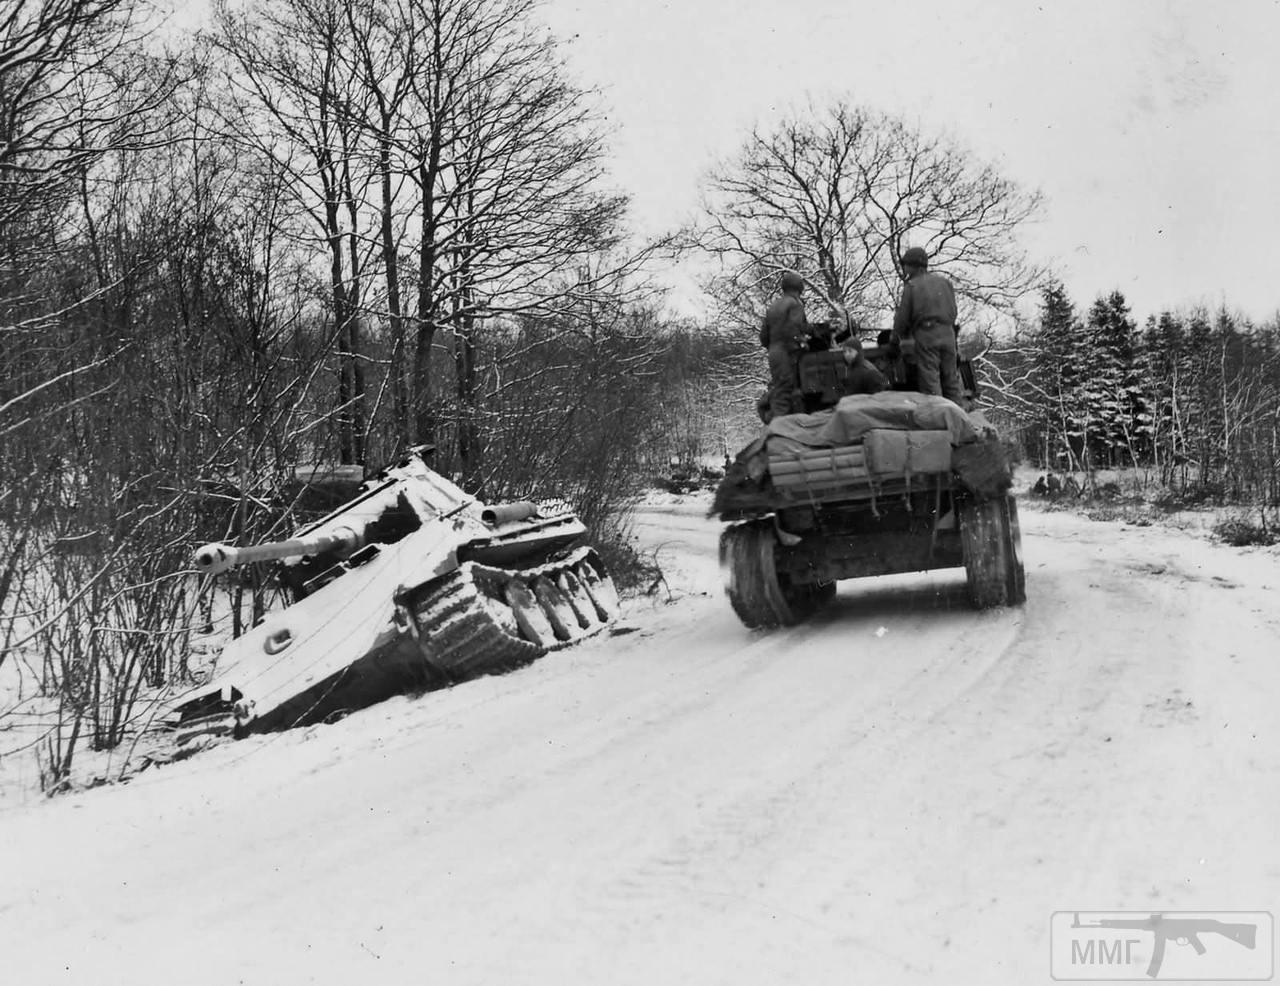 103098 - Военное фото 1939-1945 г.г. Западный фронт и Африка.